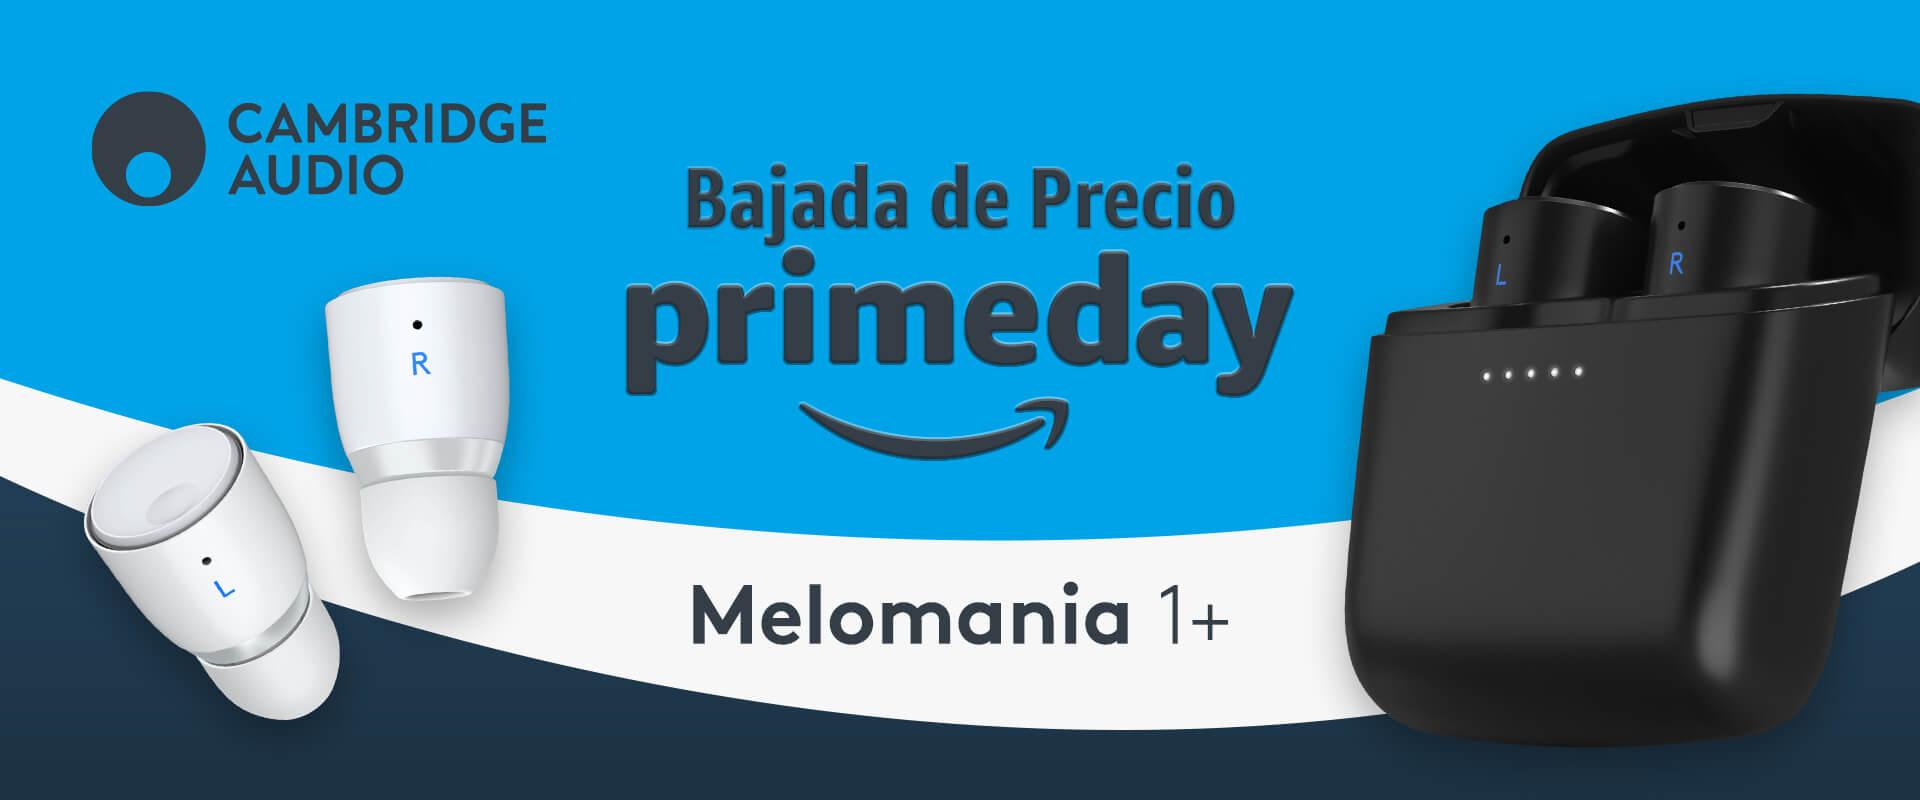 Cambridge Audio Melomania 1+ rebajado en Amazon Prime Day